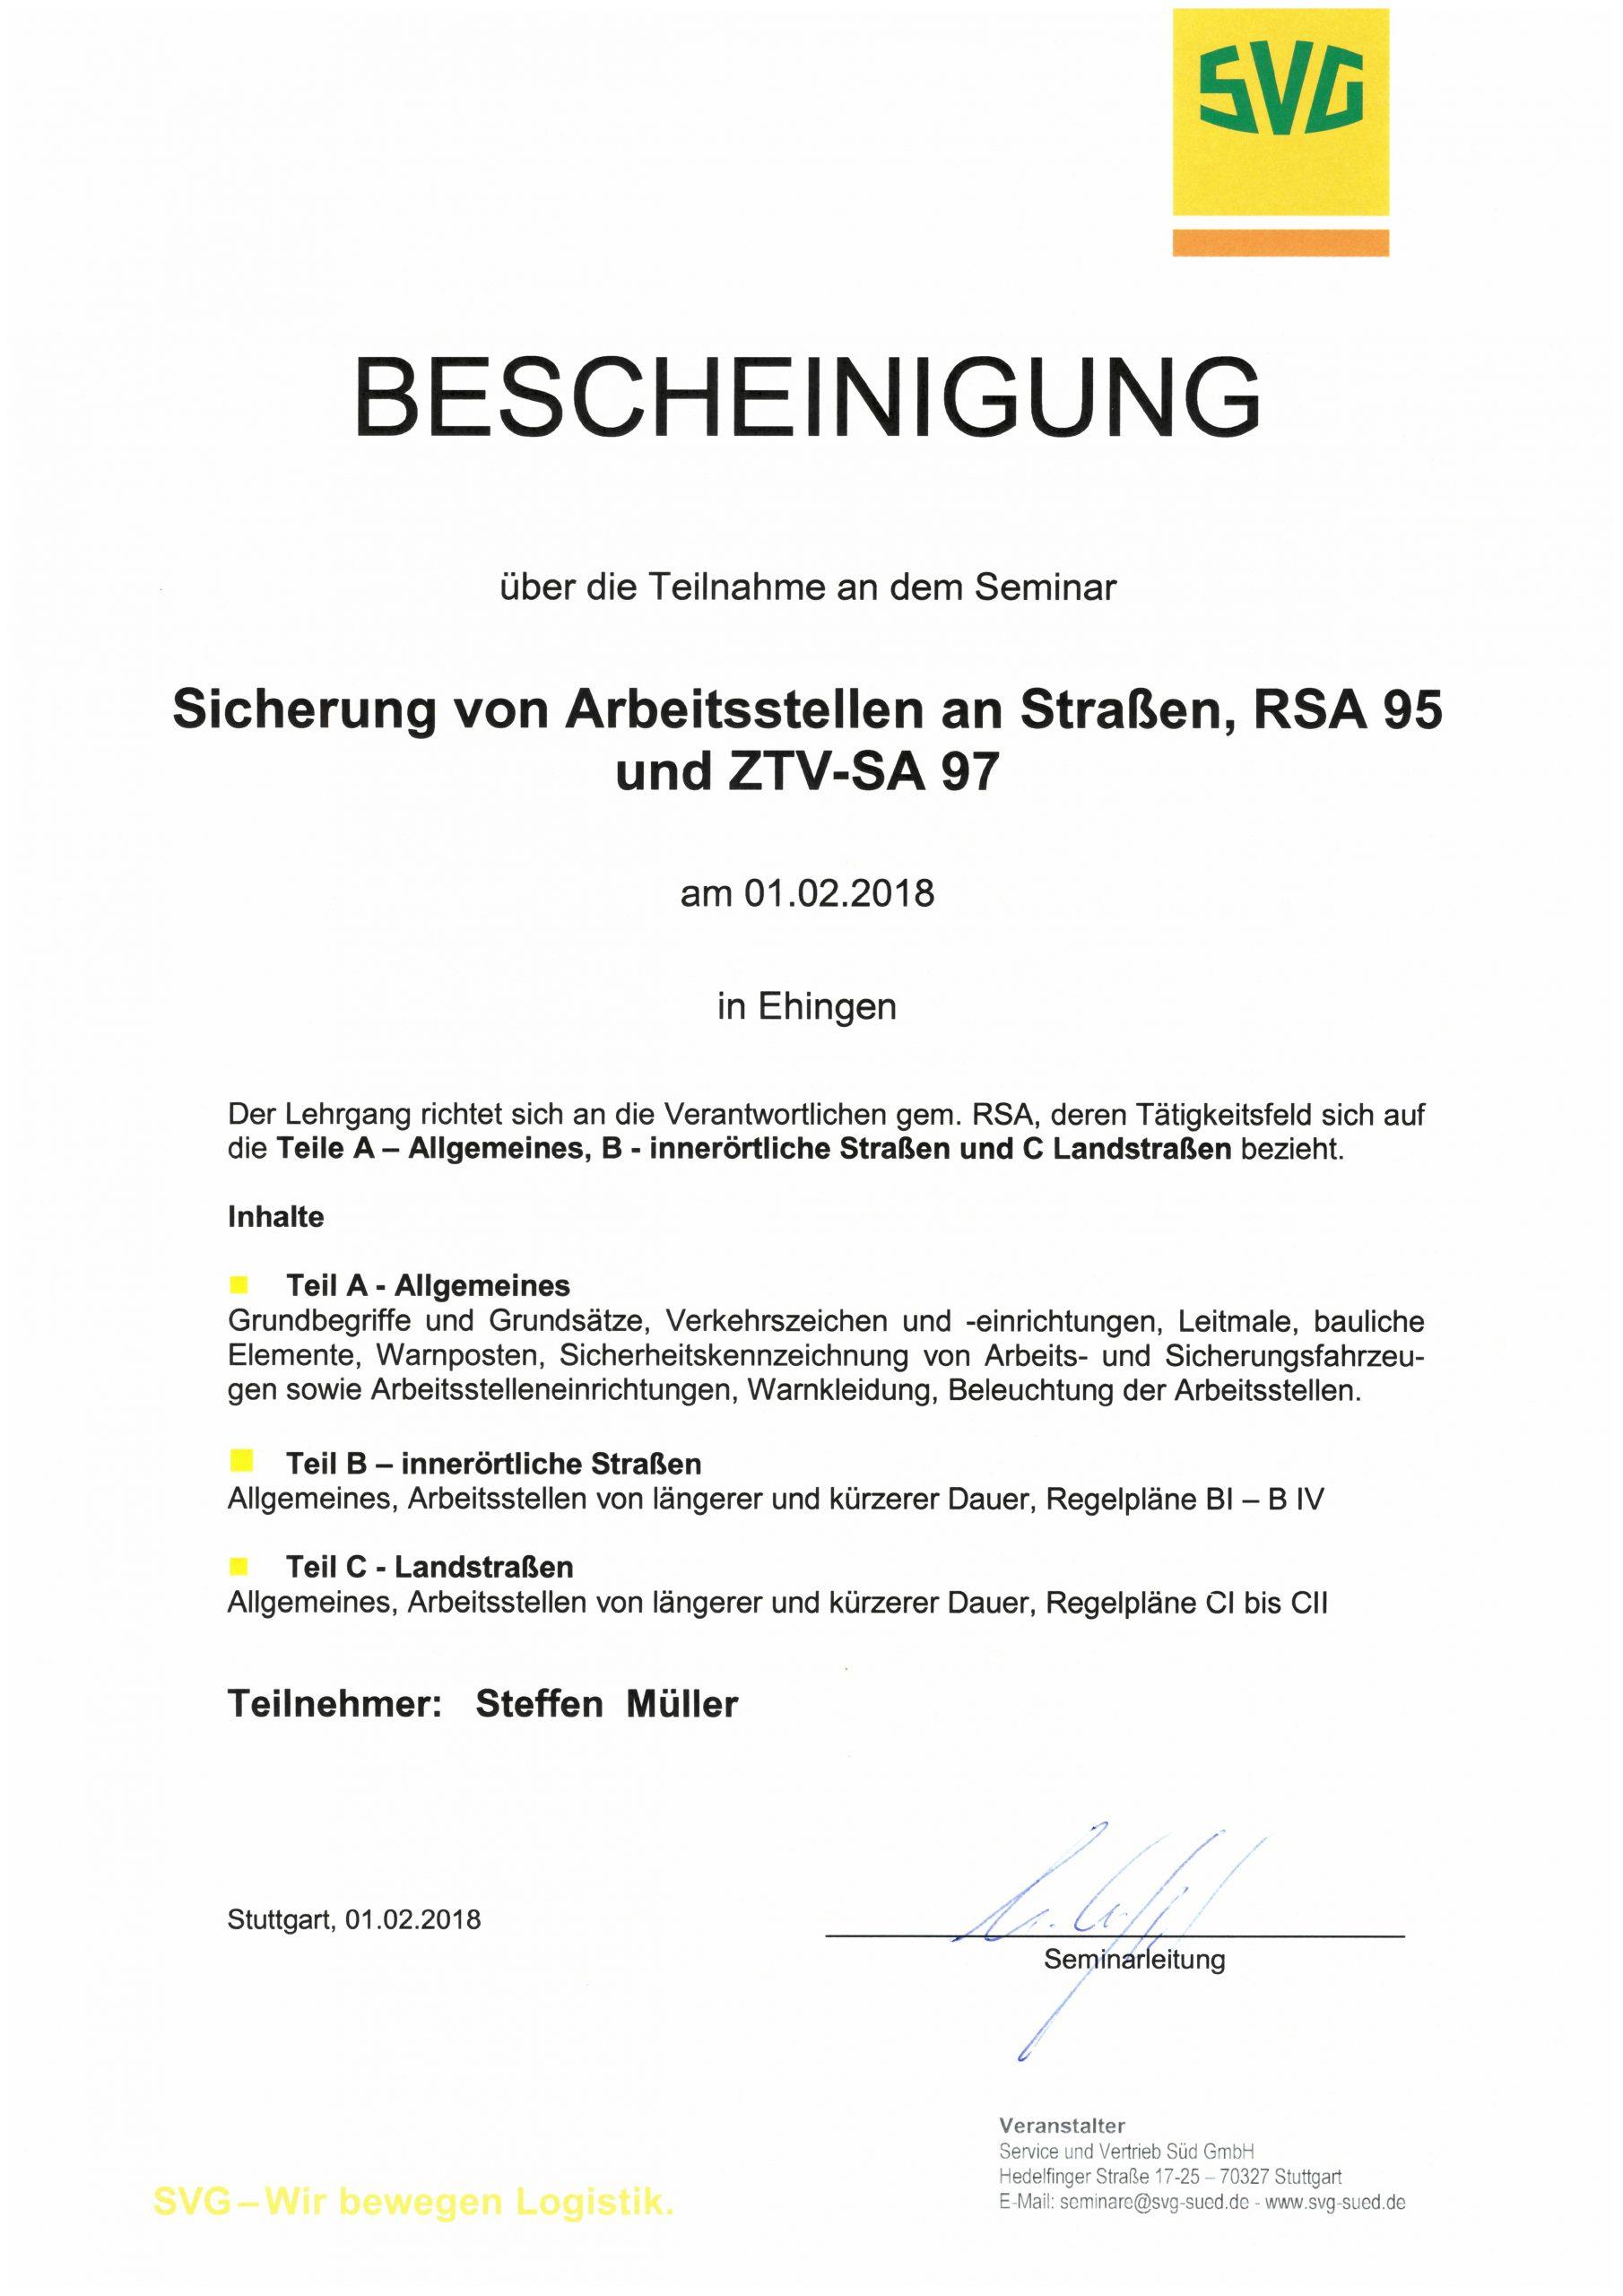 Seminarbescheinigung zur Sicherung von Arbeitsstellen an Straßen - S. Müller